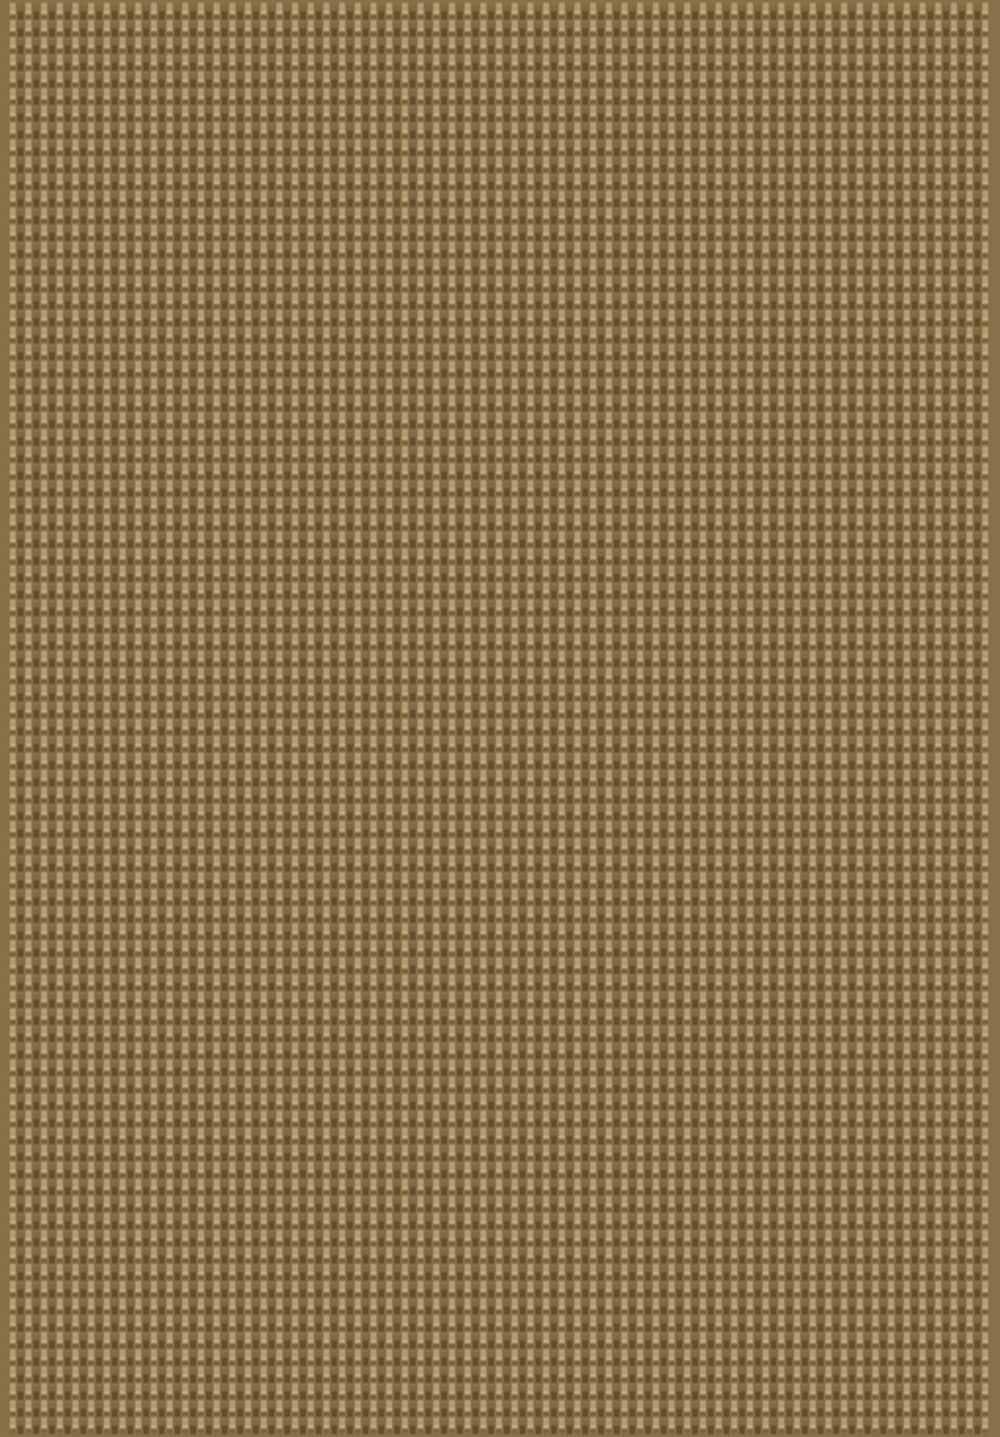 Mykonos tapis intérieur et extérieur marron clair 140x200